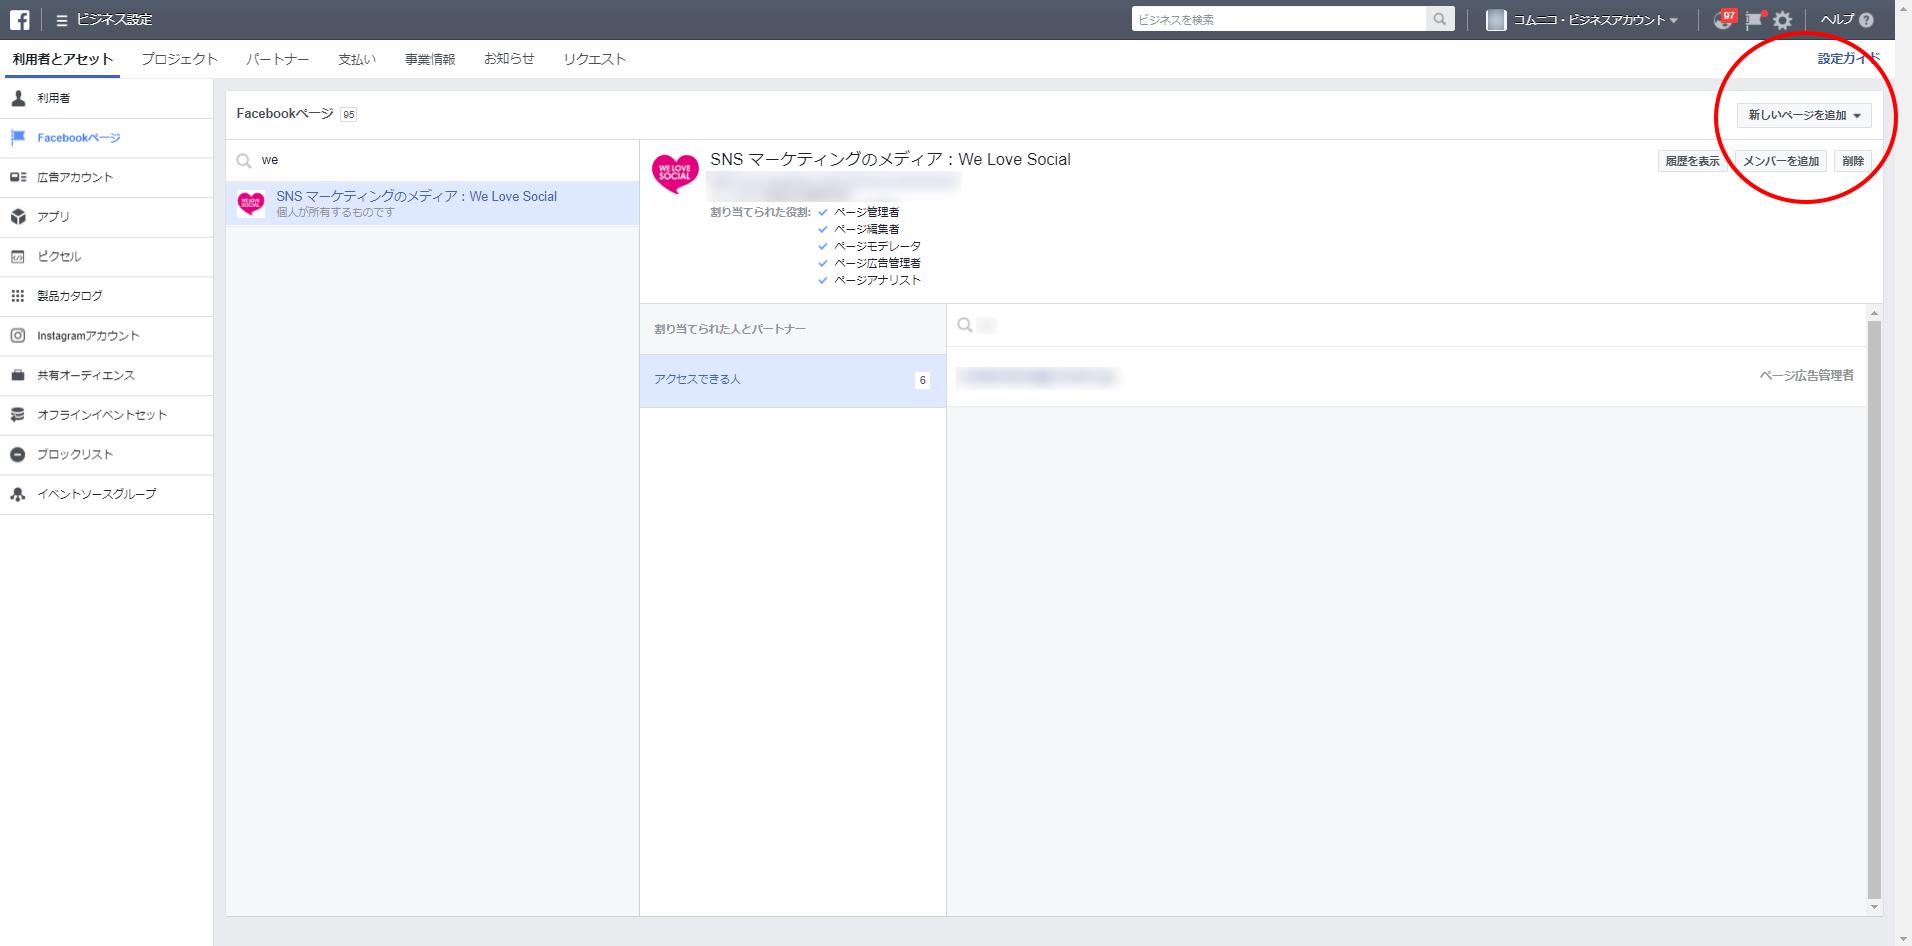 ビジネスマネージャに既存のFacebookページを追加